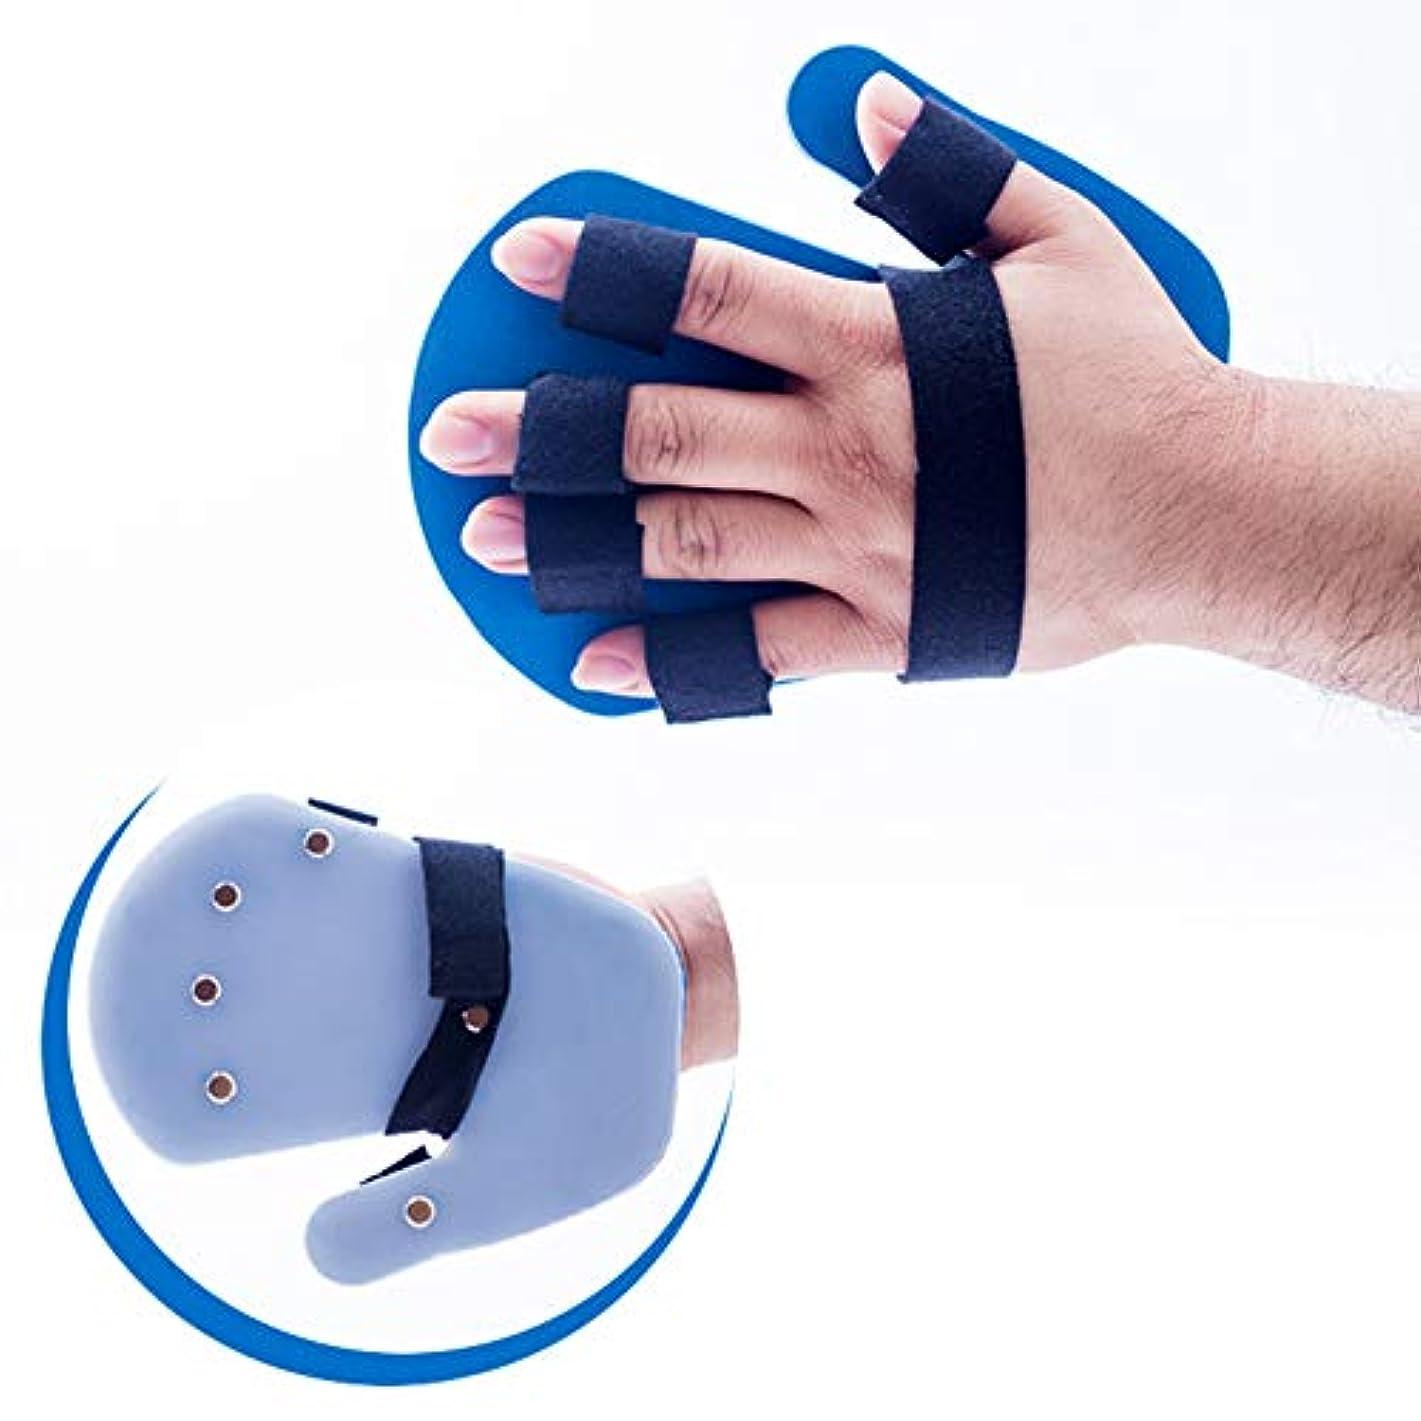 崖ブランク断片指のサポートスプリント親指手首の傷害回復スプリントフィンガーセパレーター手アライナー手根管関節の痛み軽減装具指サポートトレーニングブラケット,righthand